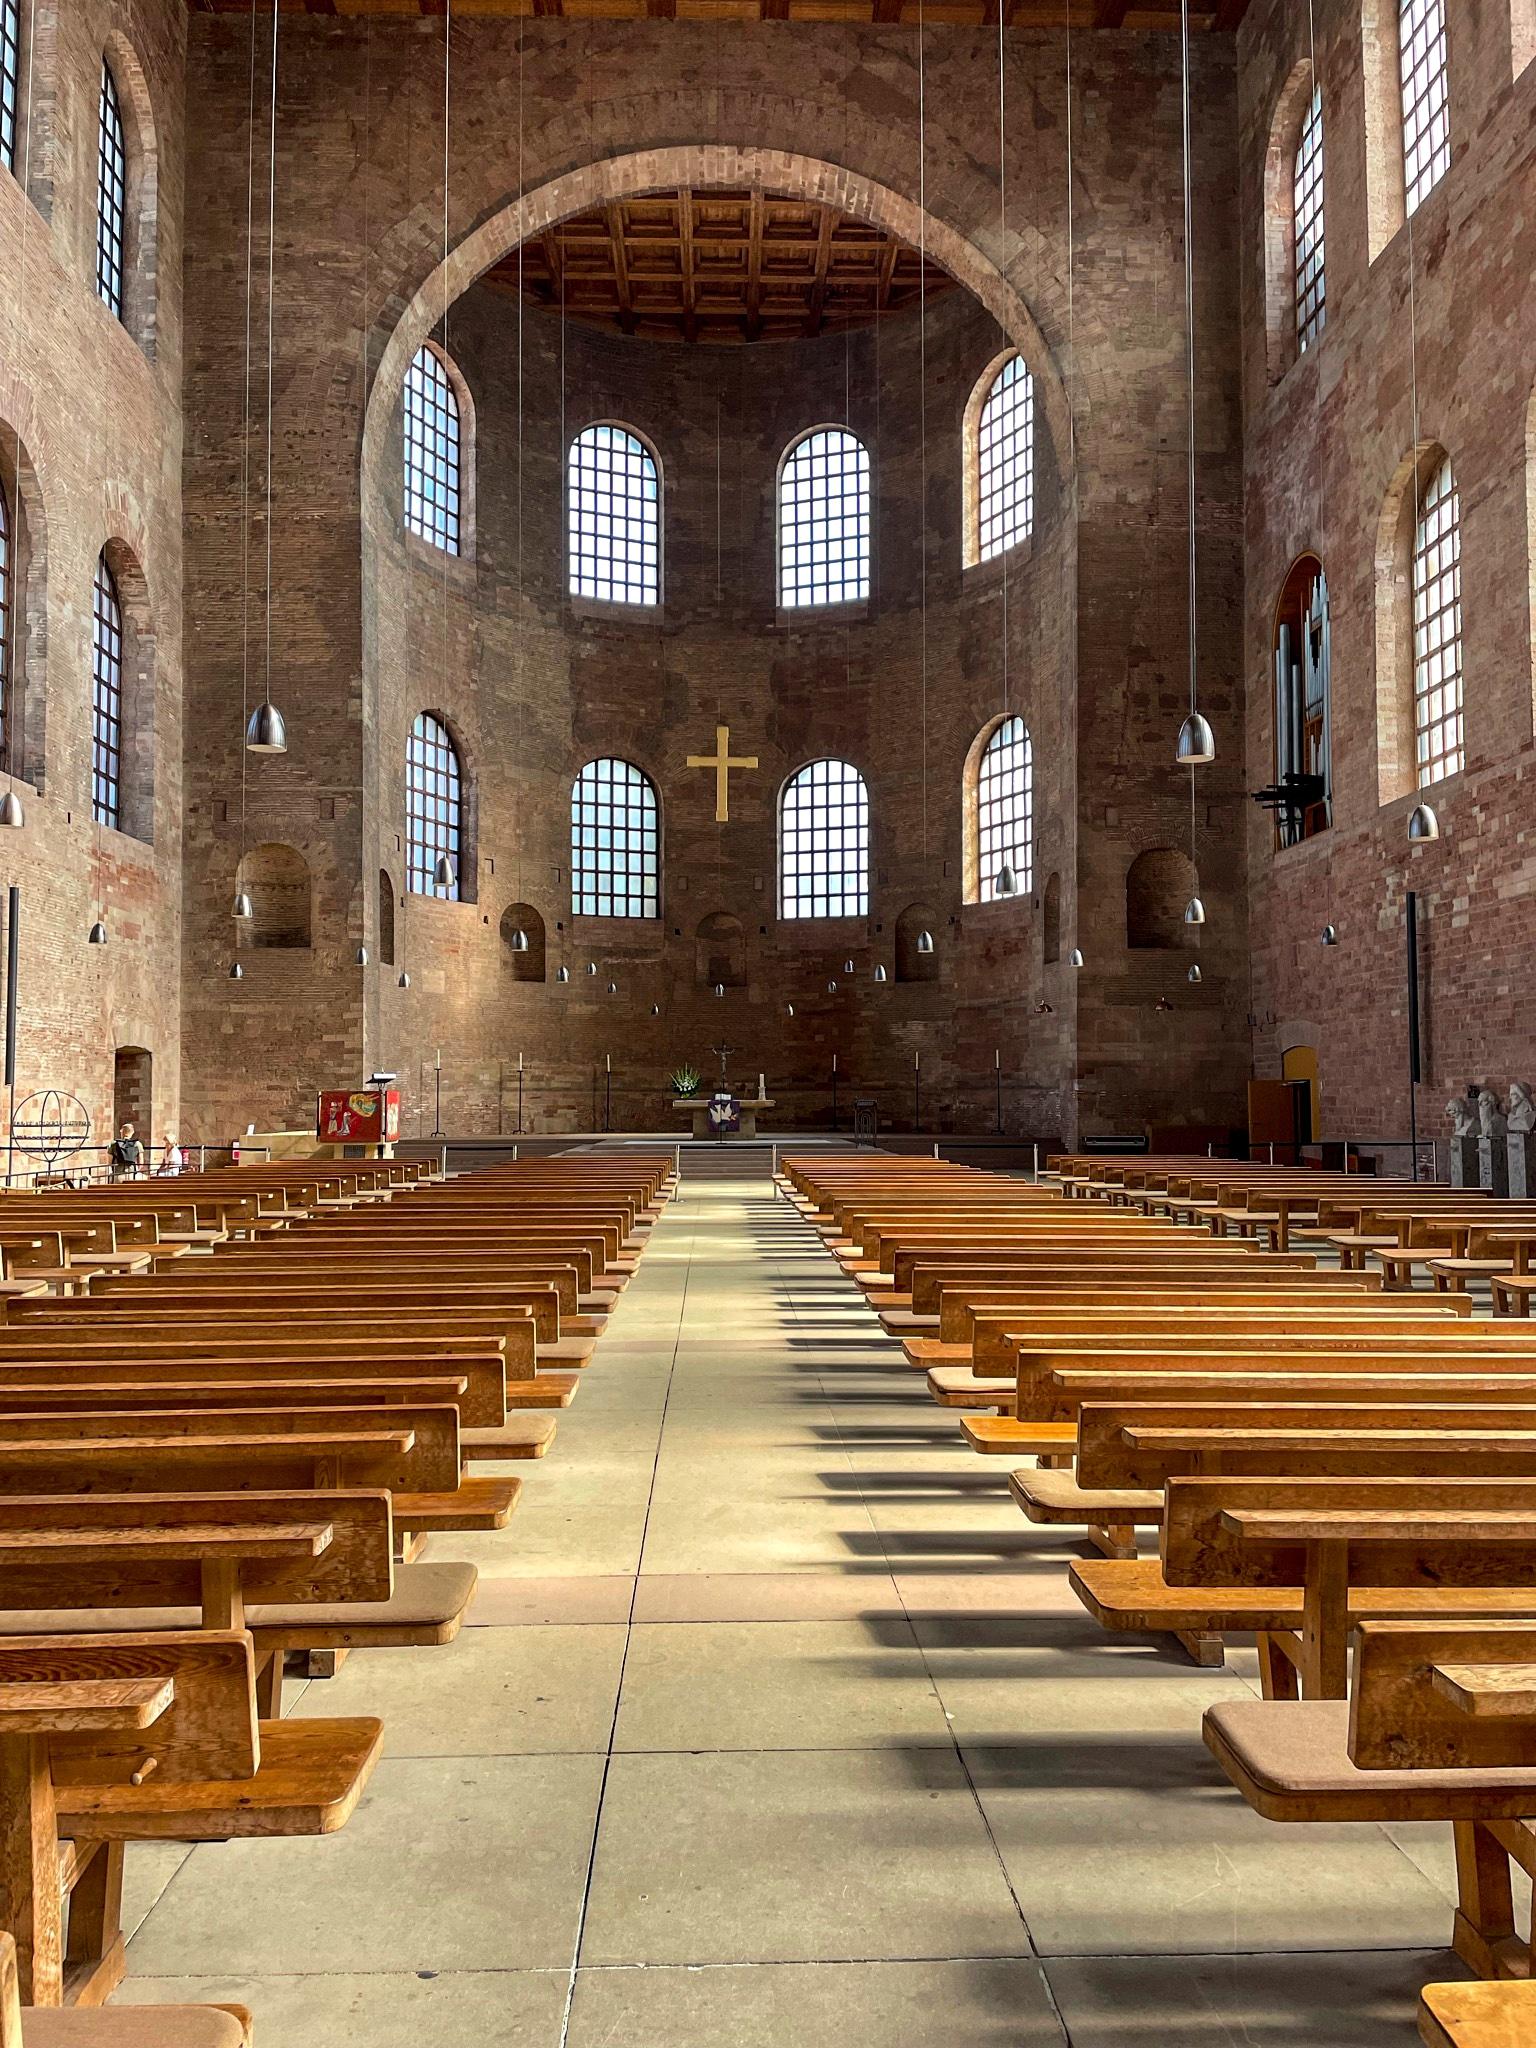 Innenraum des Kirchenschiffs der Konstatinbasilika in Trier. Licht fällt von rechts durch die Kirchenfenster auf die Kichrnbänke.